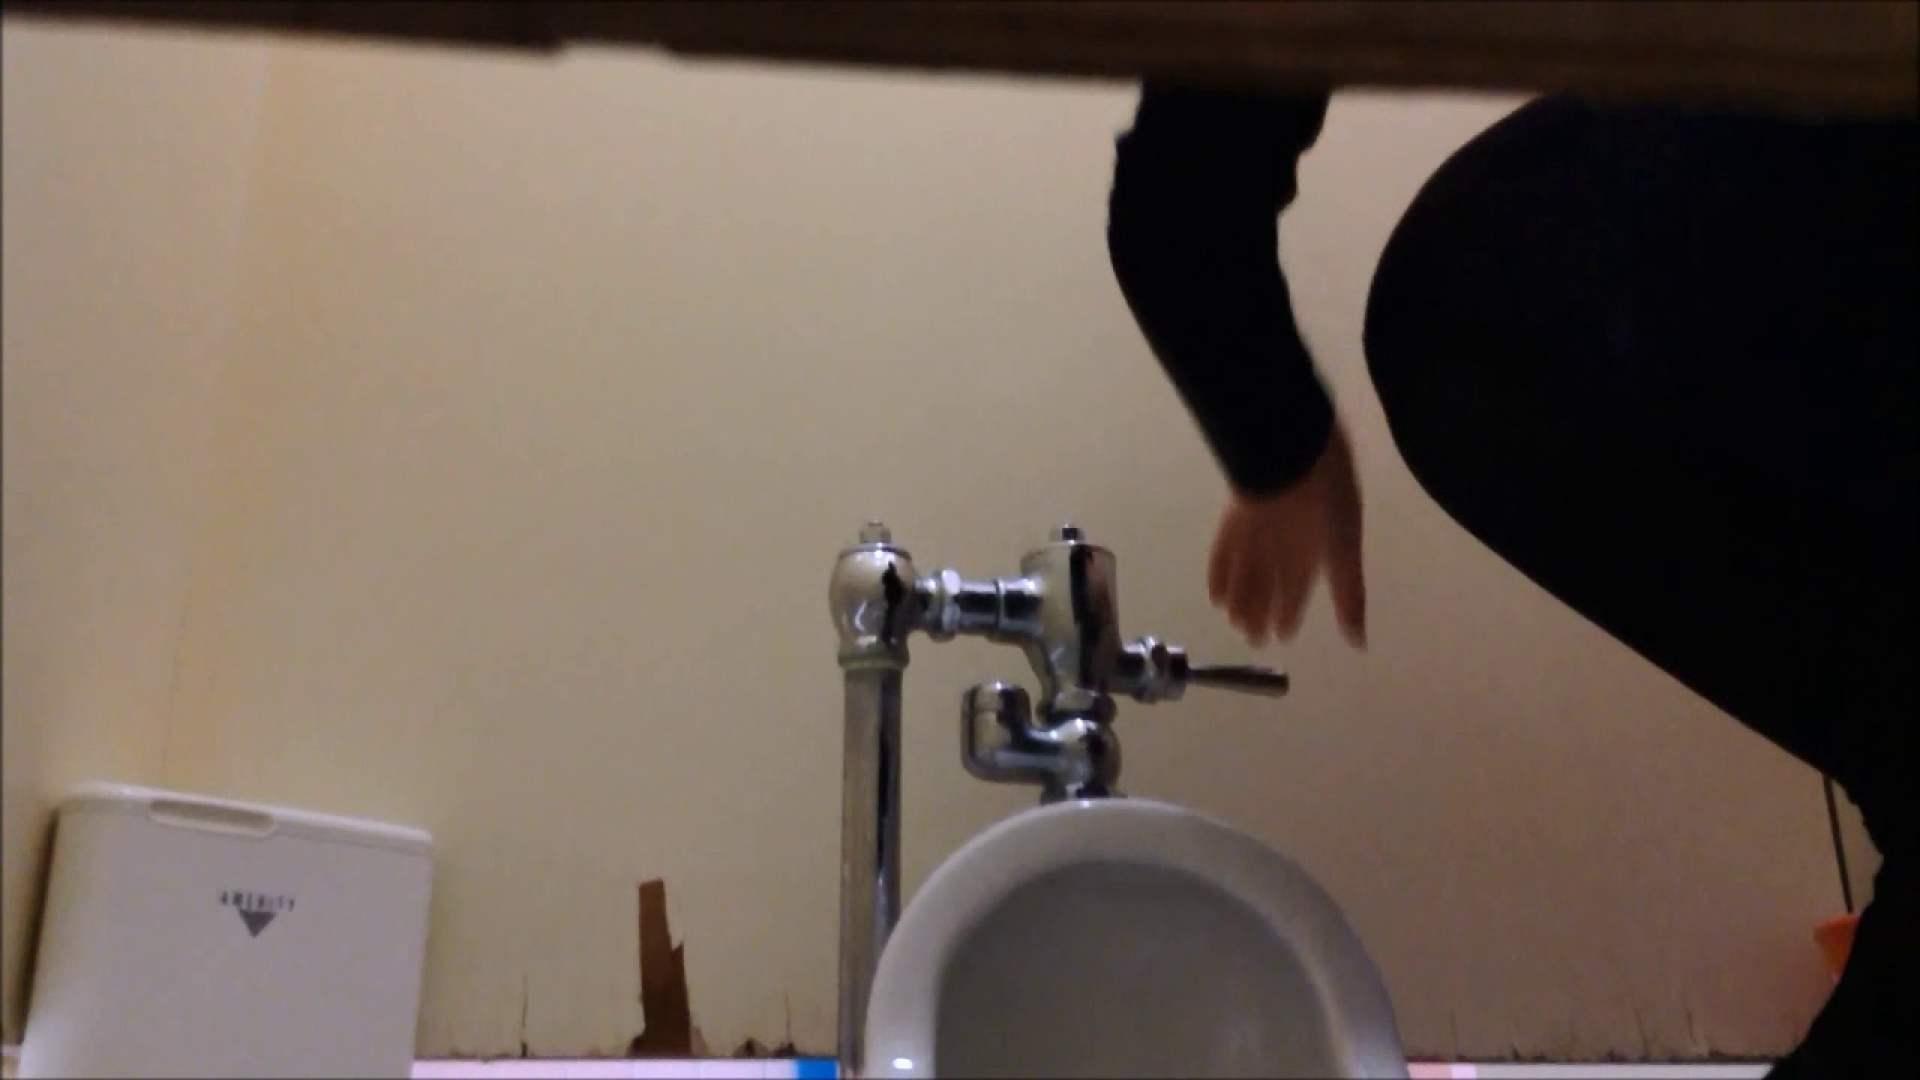 某有名大学女性洗面所 vol.05 エロいOL SEX無修正画像 47枚